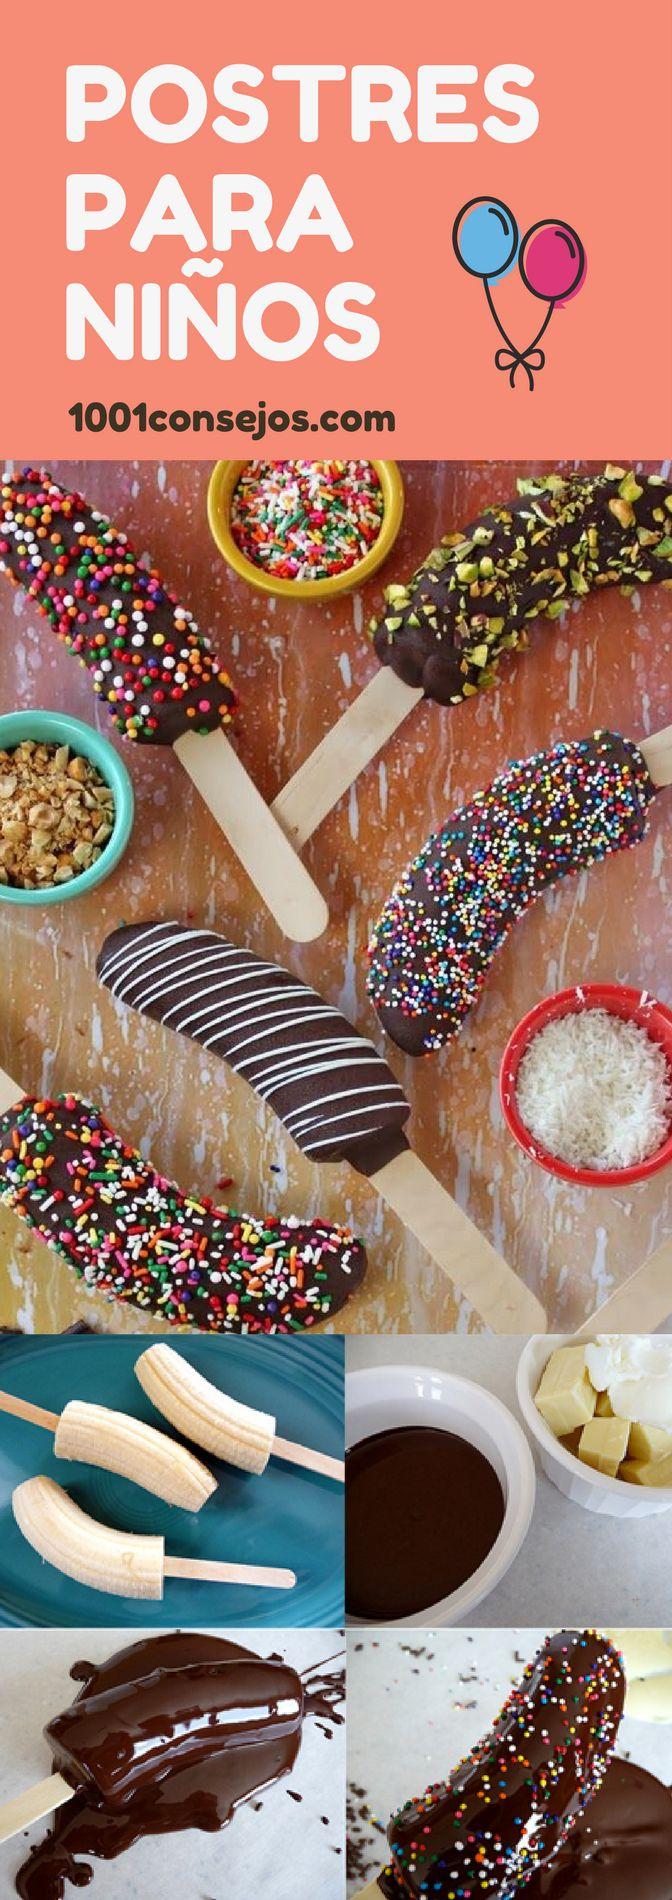 ¡Consiente a tus pequeños con estos deliciosos postres! | postres para niños fáciles | postres dulces para niños | postres fáciles recetas. | #postresparafiestas